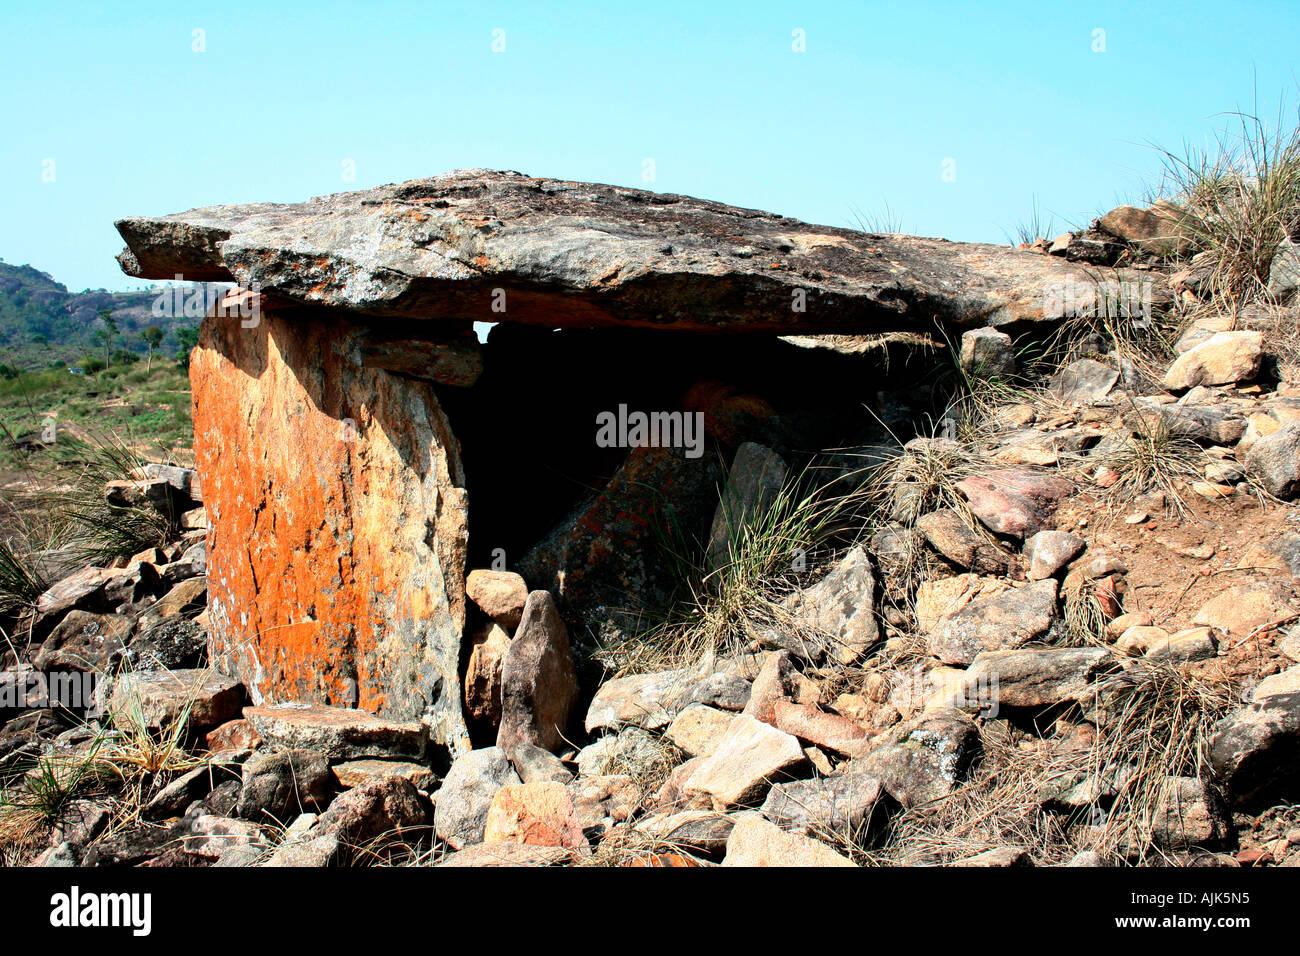 An ancient cave or muniyara at Marayoor, Kerala - Stock Image